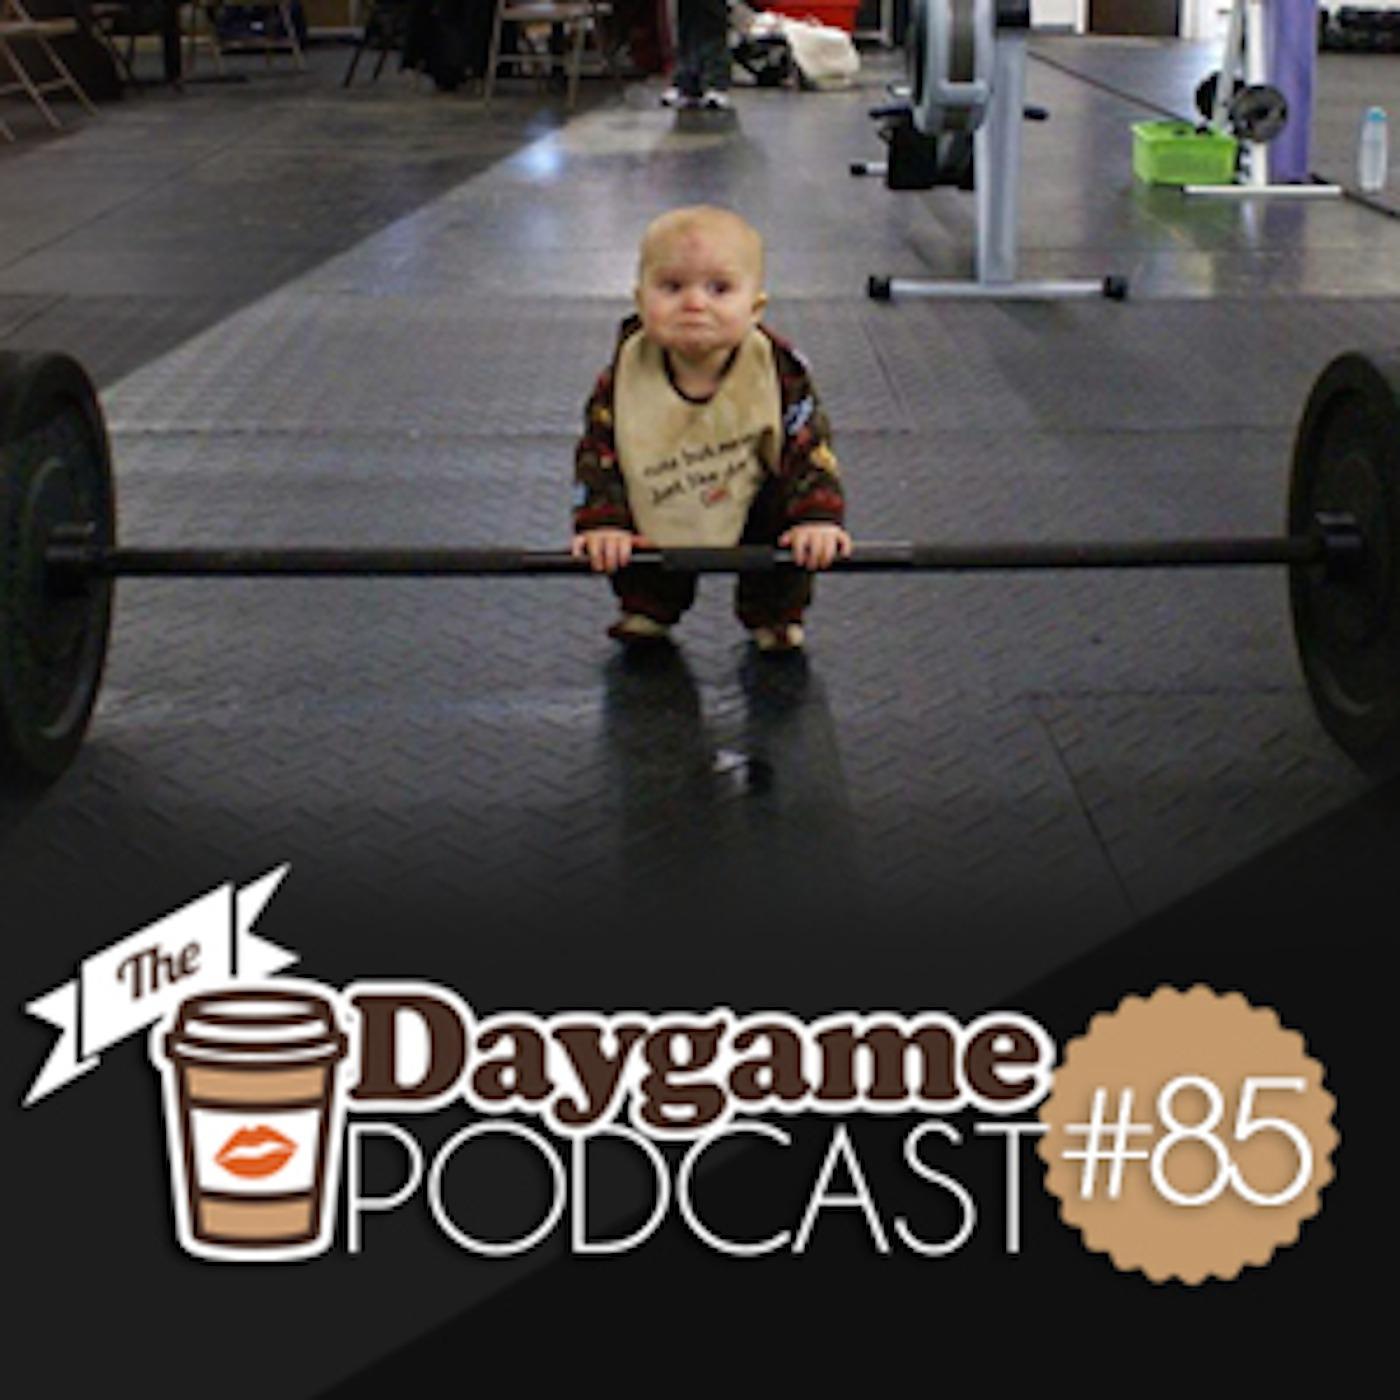 Daygame.com's Podcast